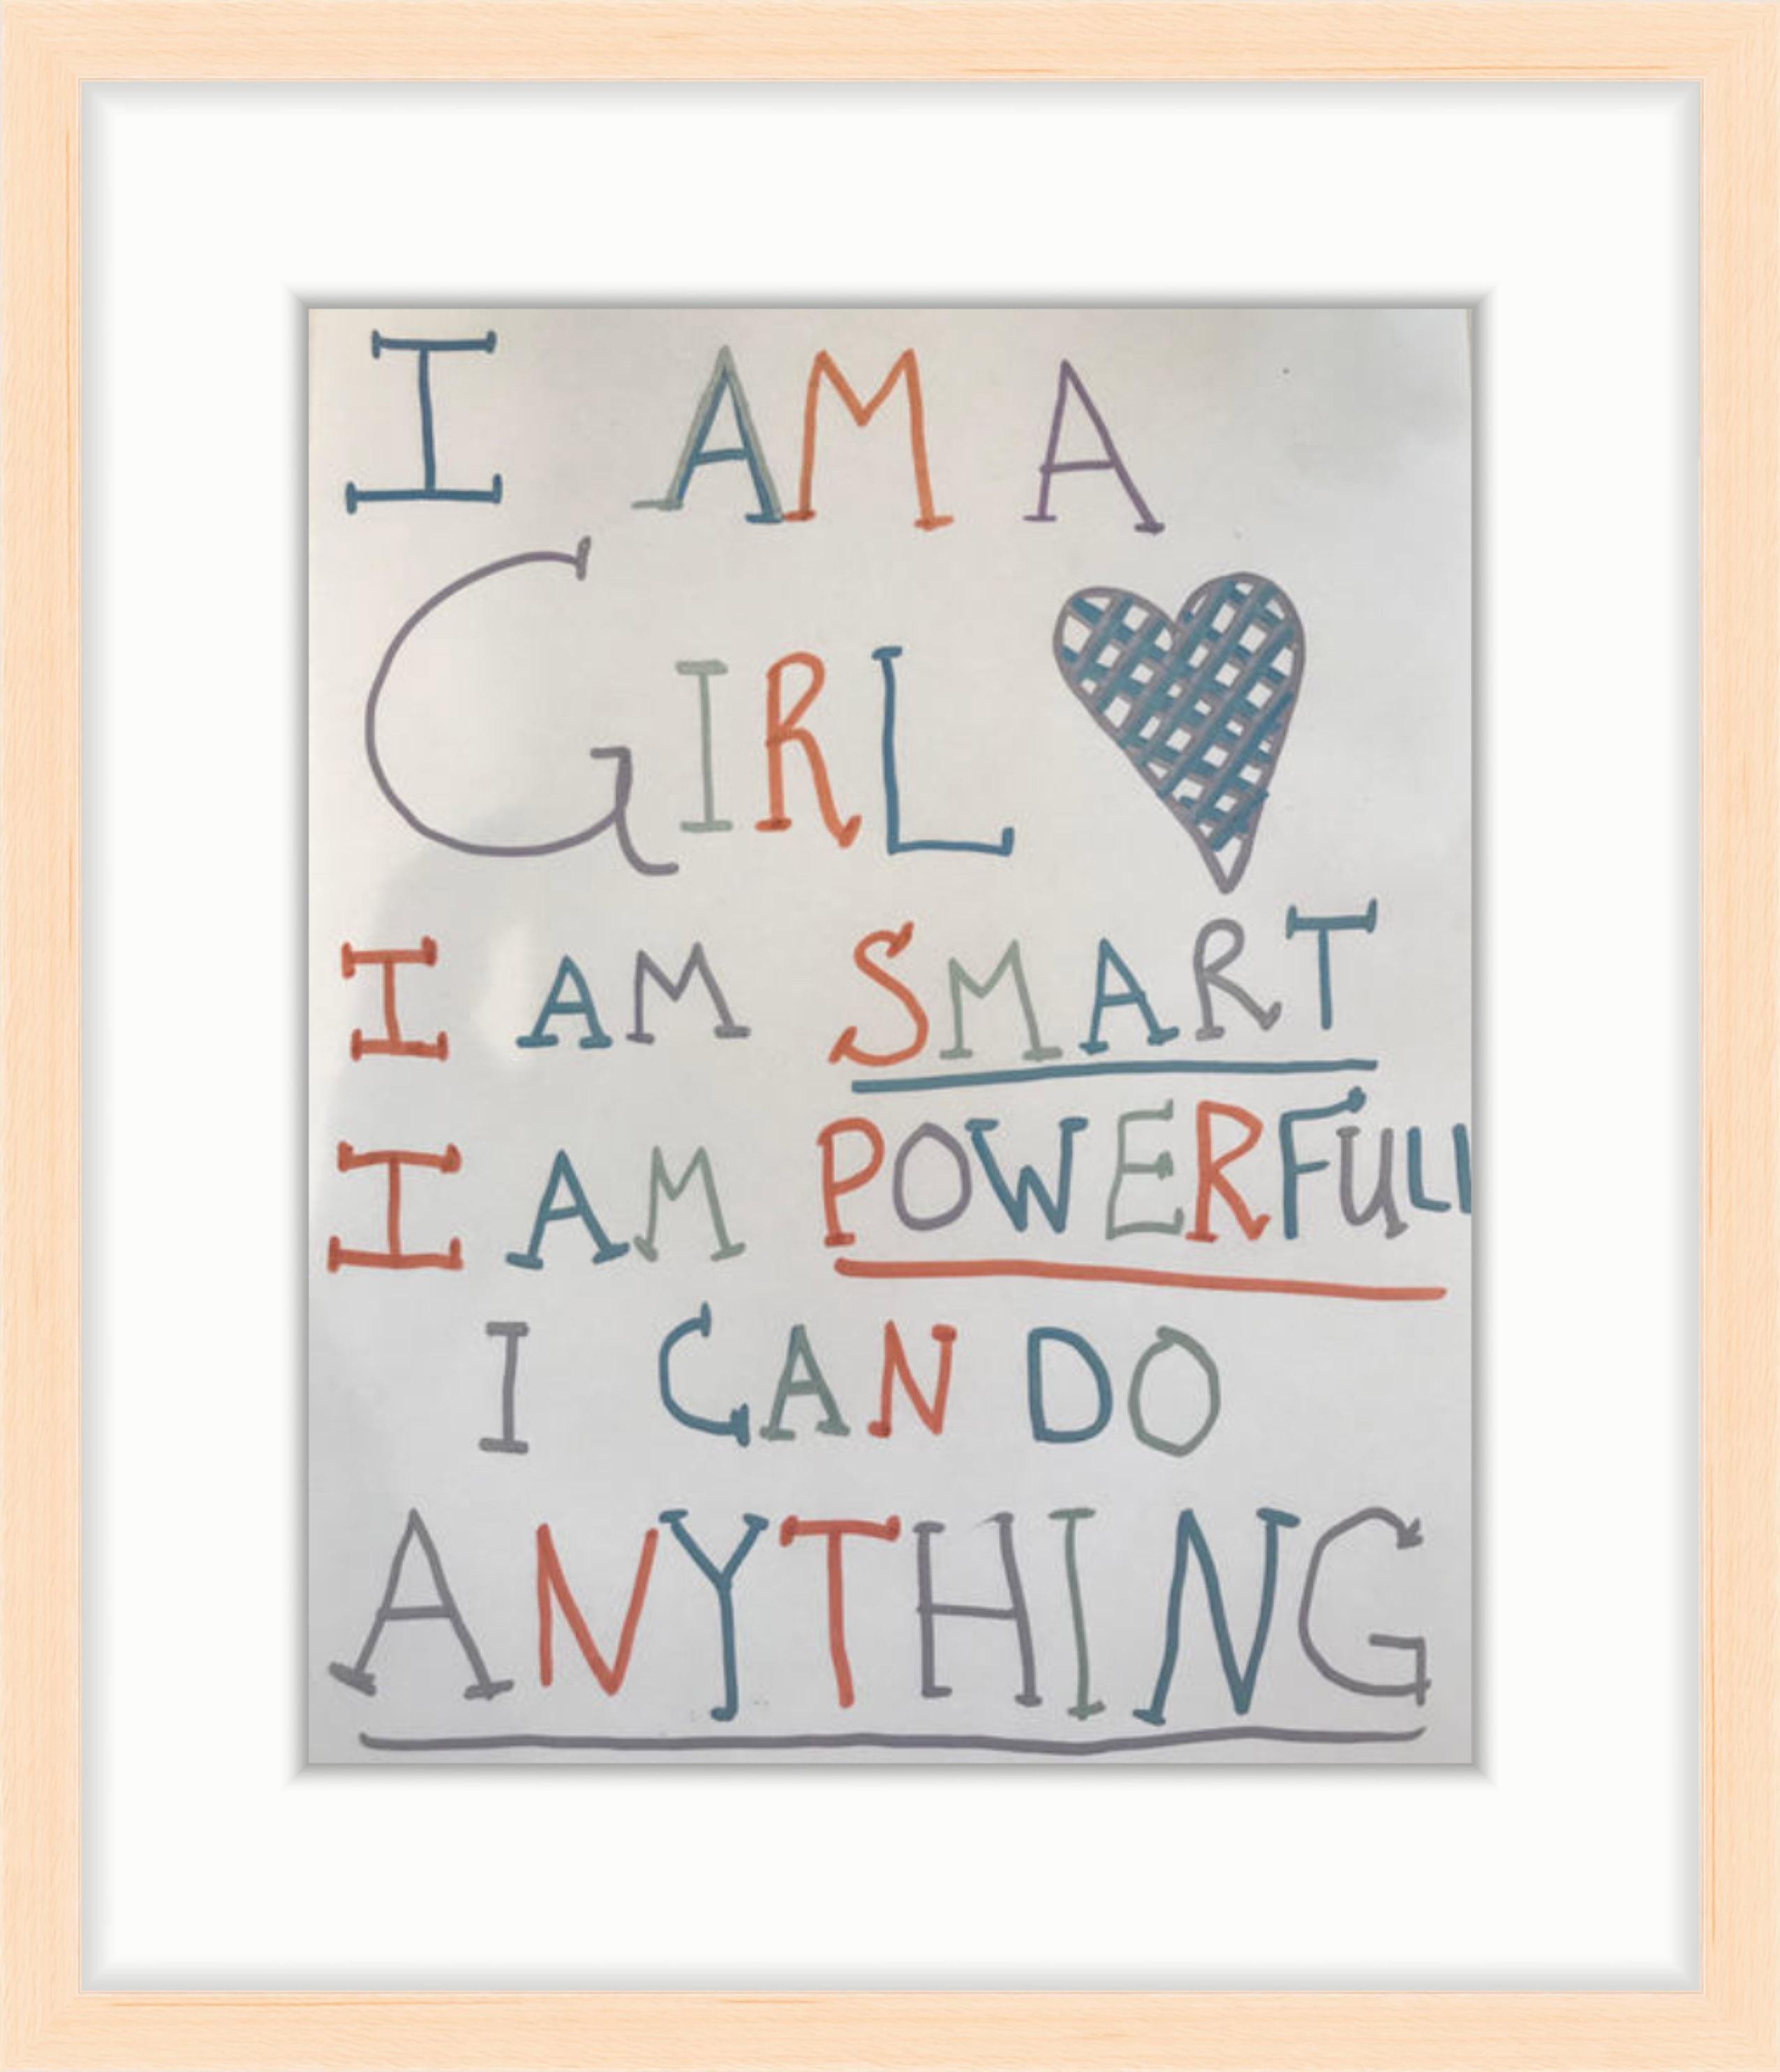 Framebridge Women's March framed poster